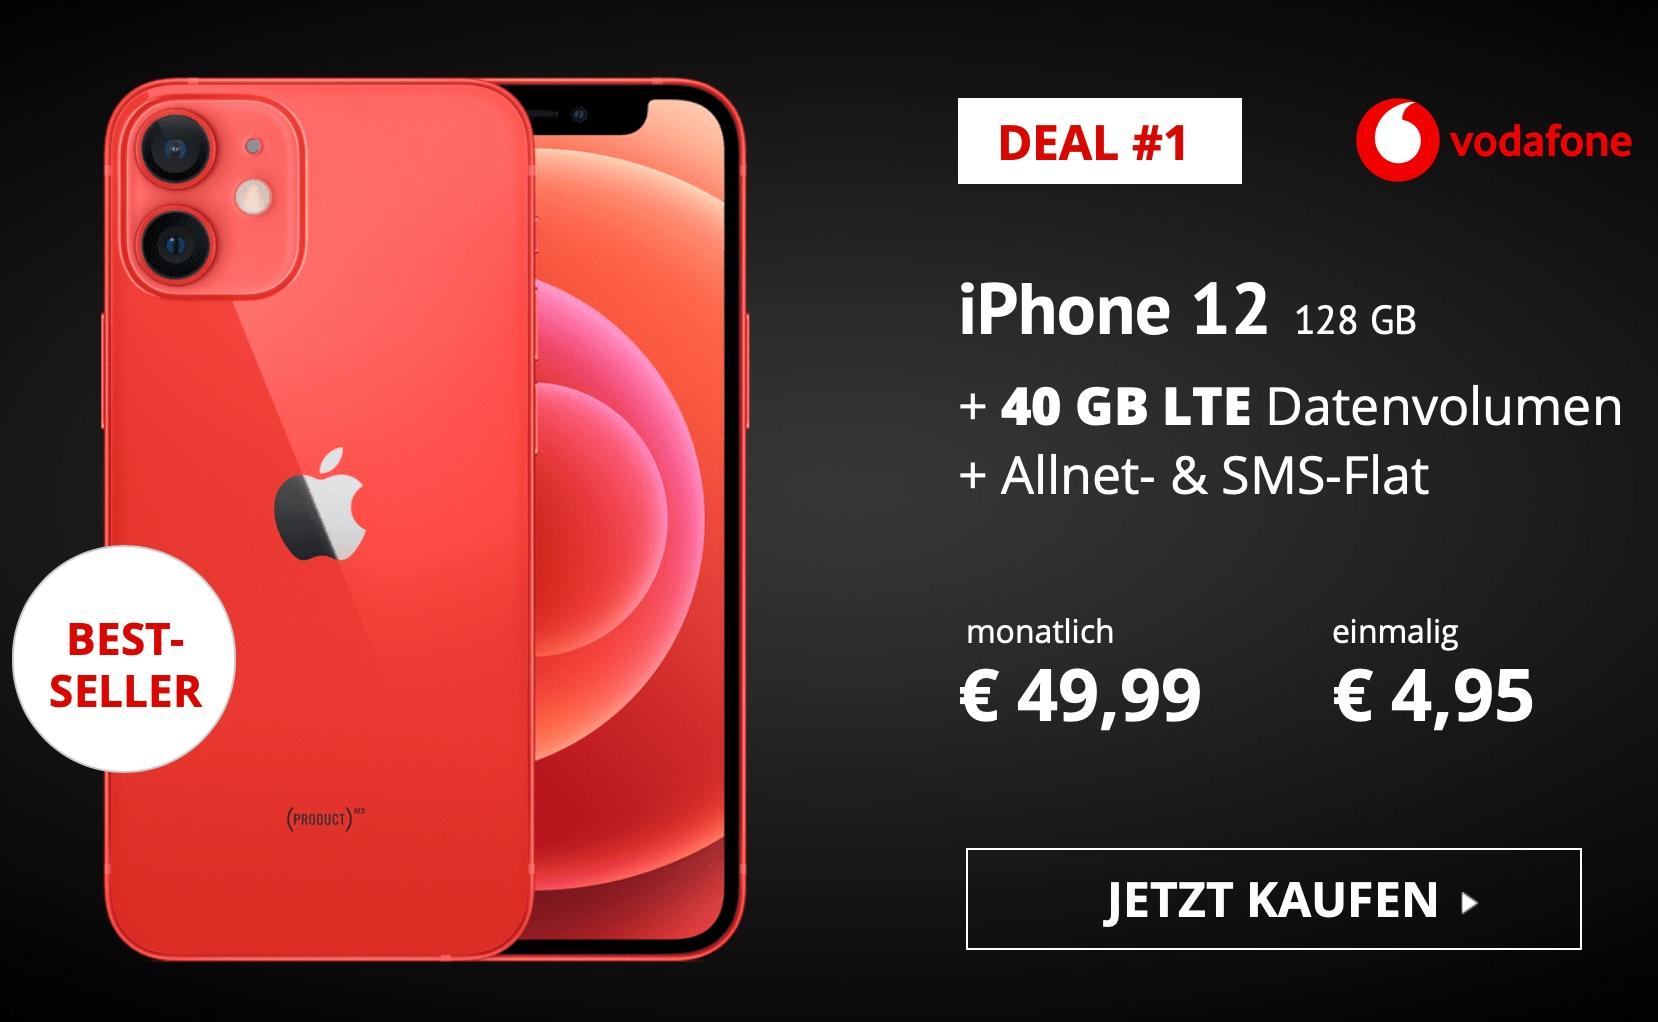 Apple iPhone 12 mit 128 GB inkl Skypods Lite, 40 GB 5G im Vodafone Netz, sofort Lieferbar, 1204,71€